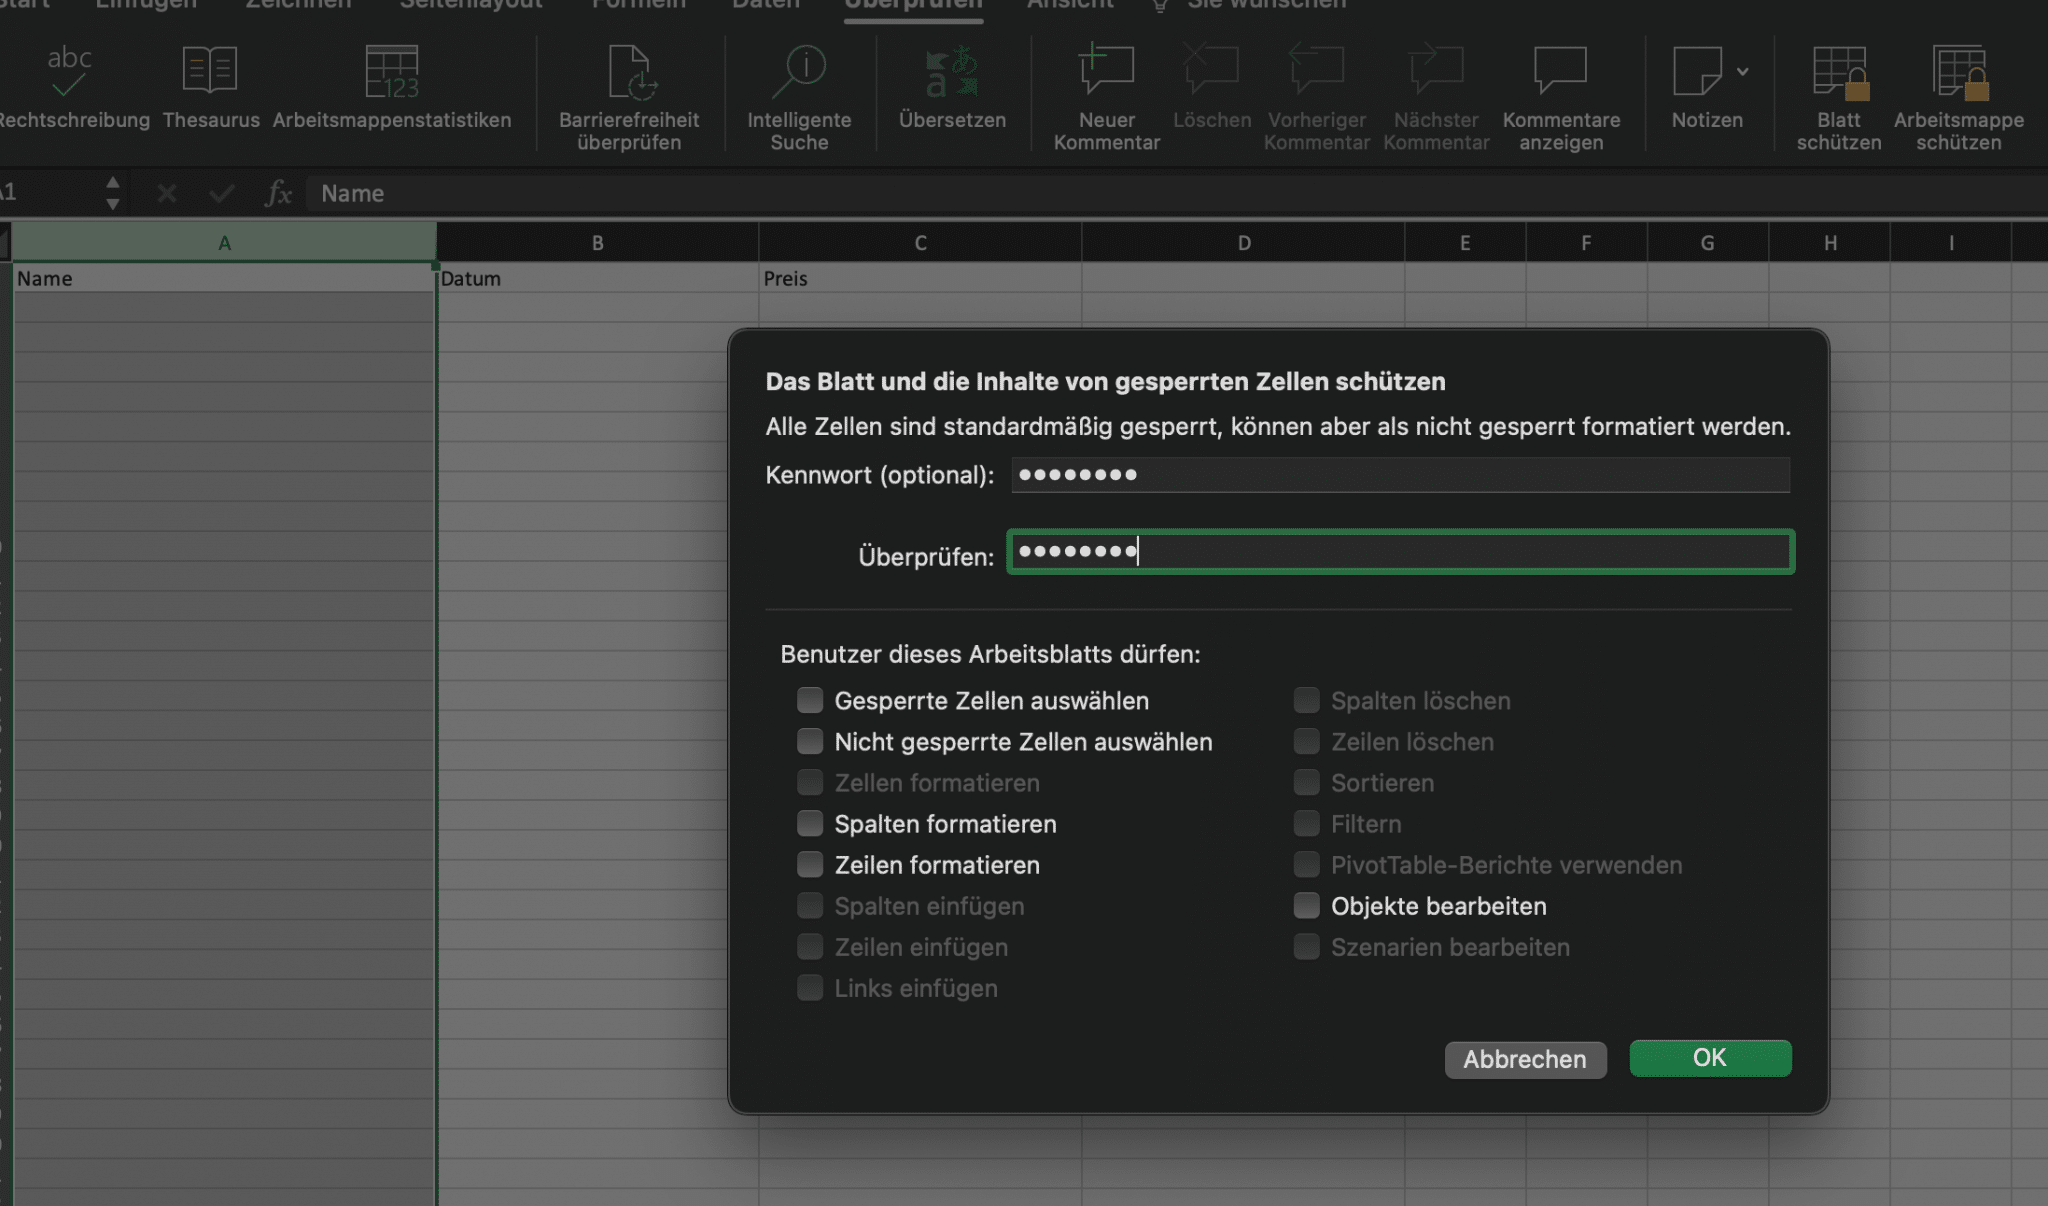 Excel Blattschutz Kennwort eingeben